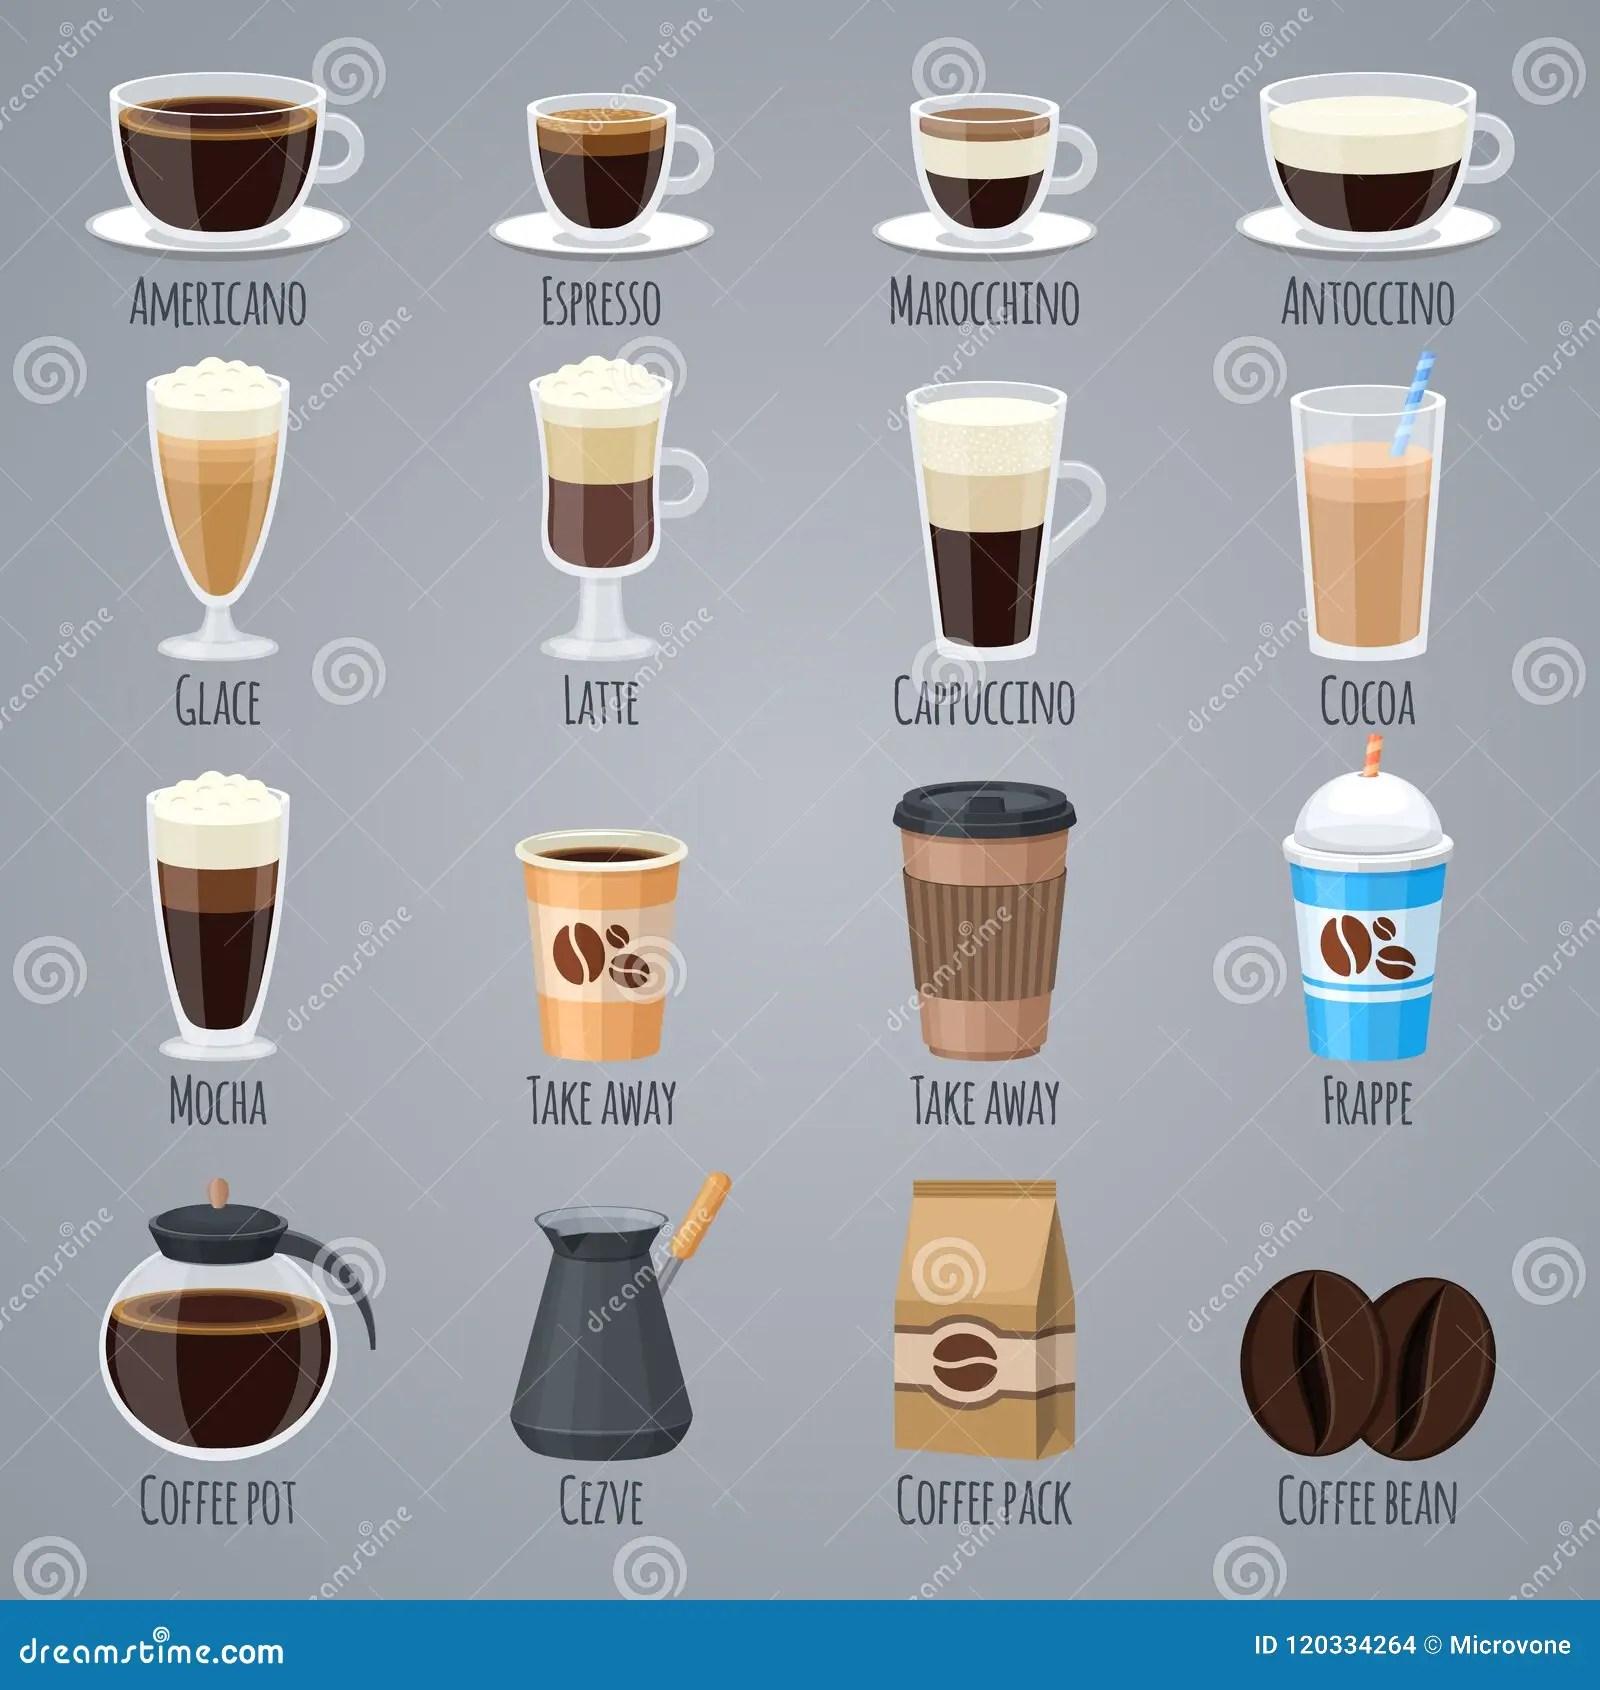 espresso latte cappuccino in